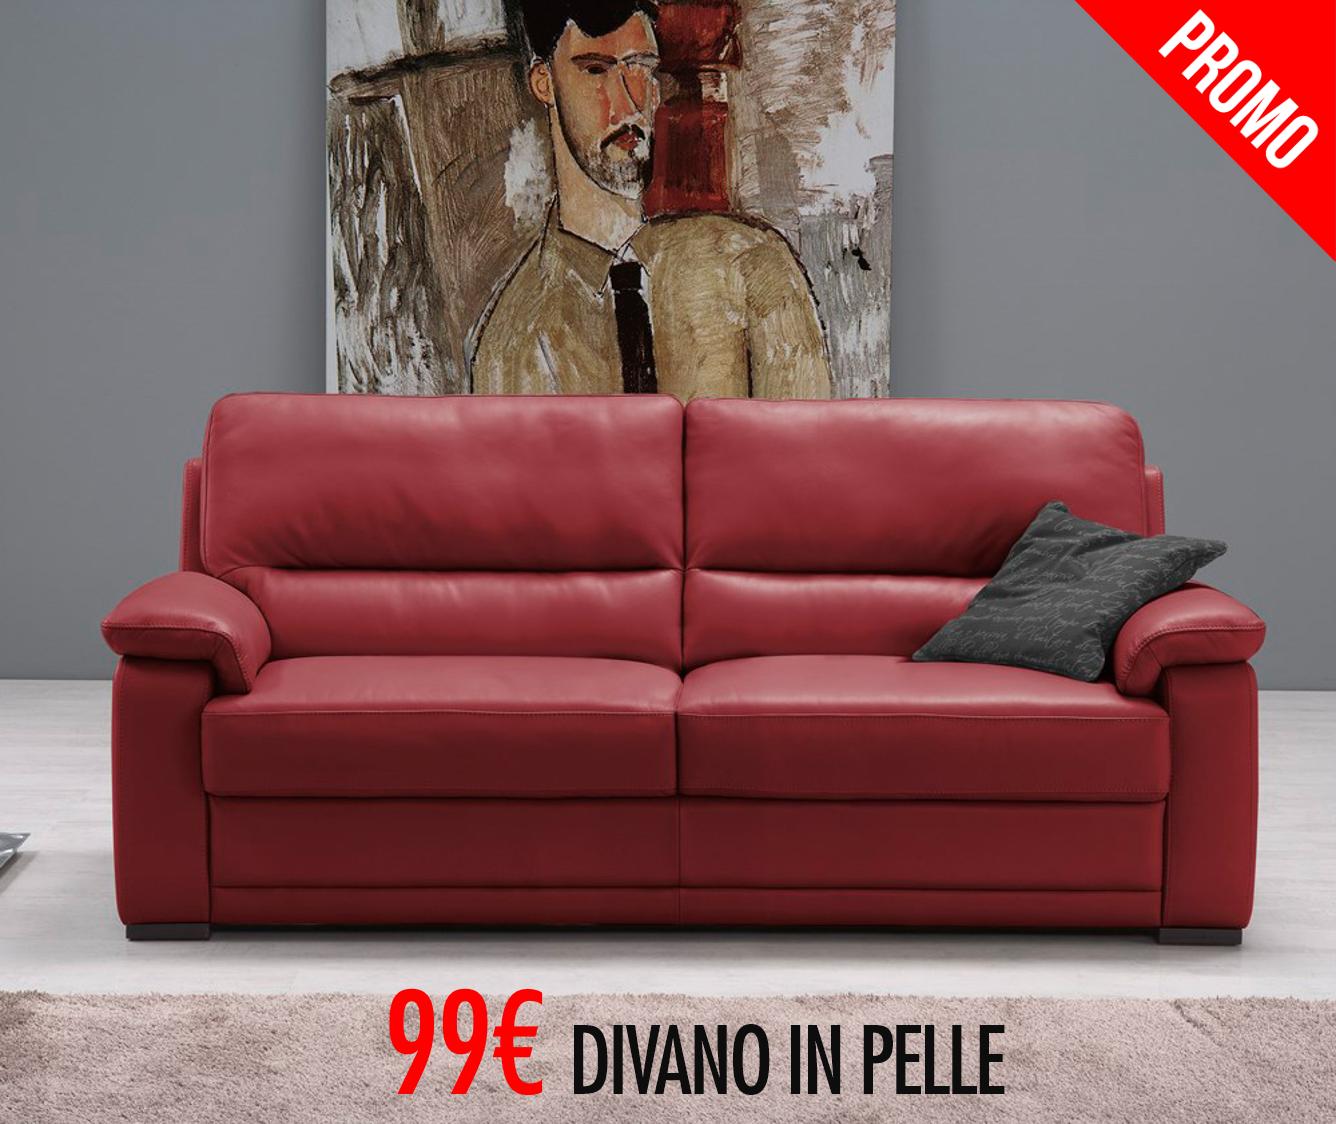 Divani In Pelle Milano.Prezzi Fiera Salone Del Mobile Promozione Valida Dal 04 Al 10